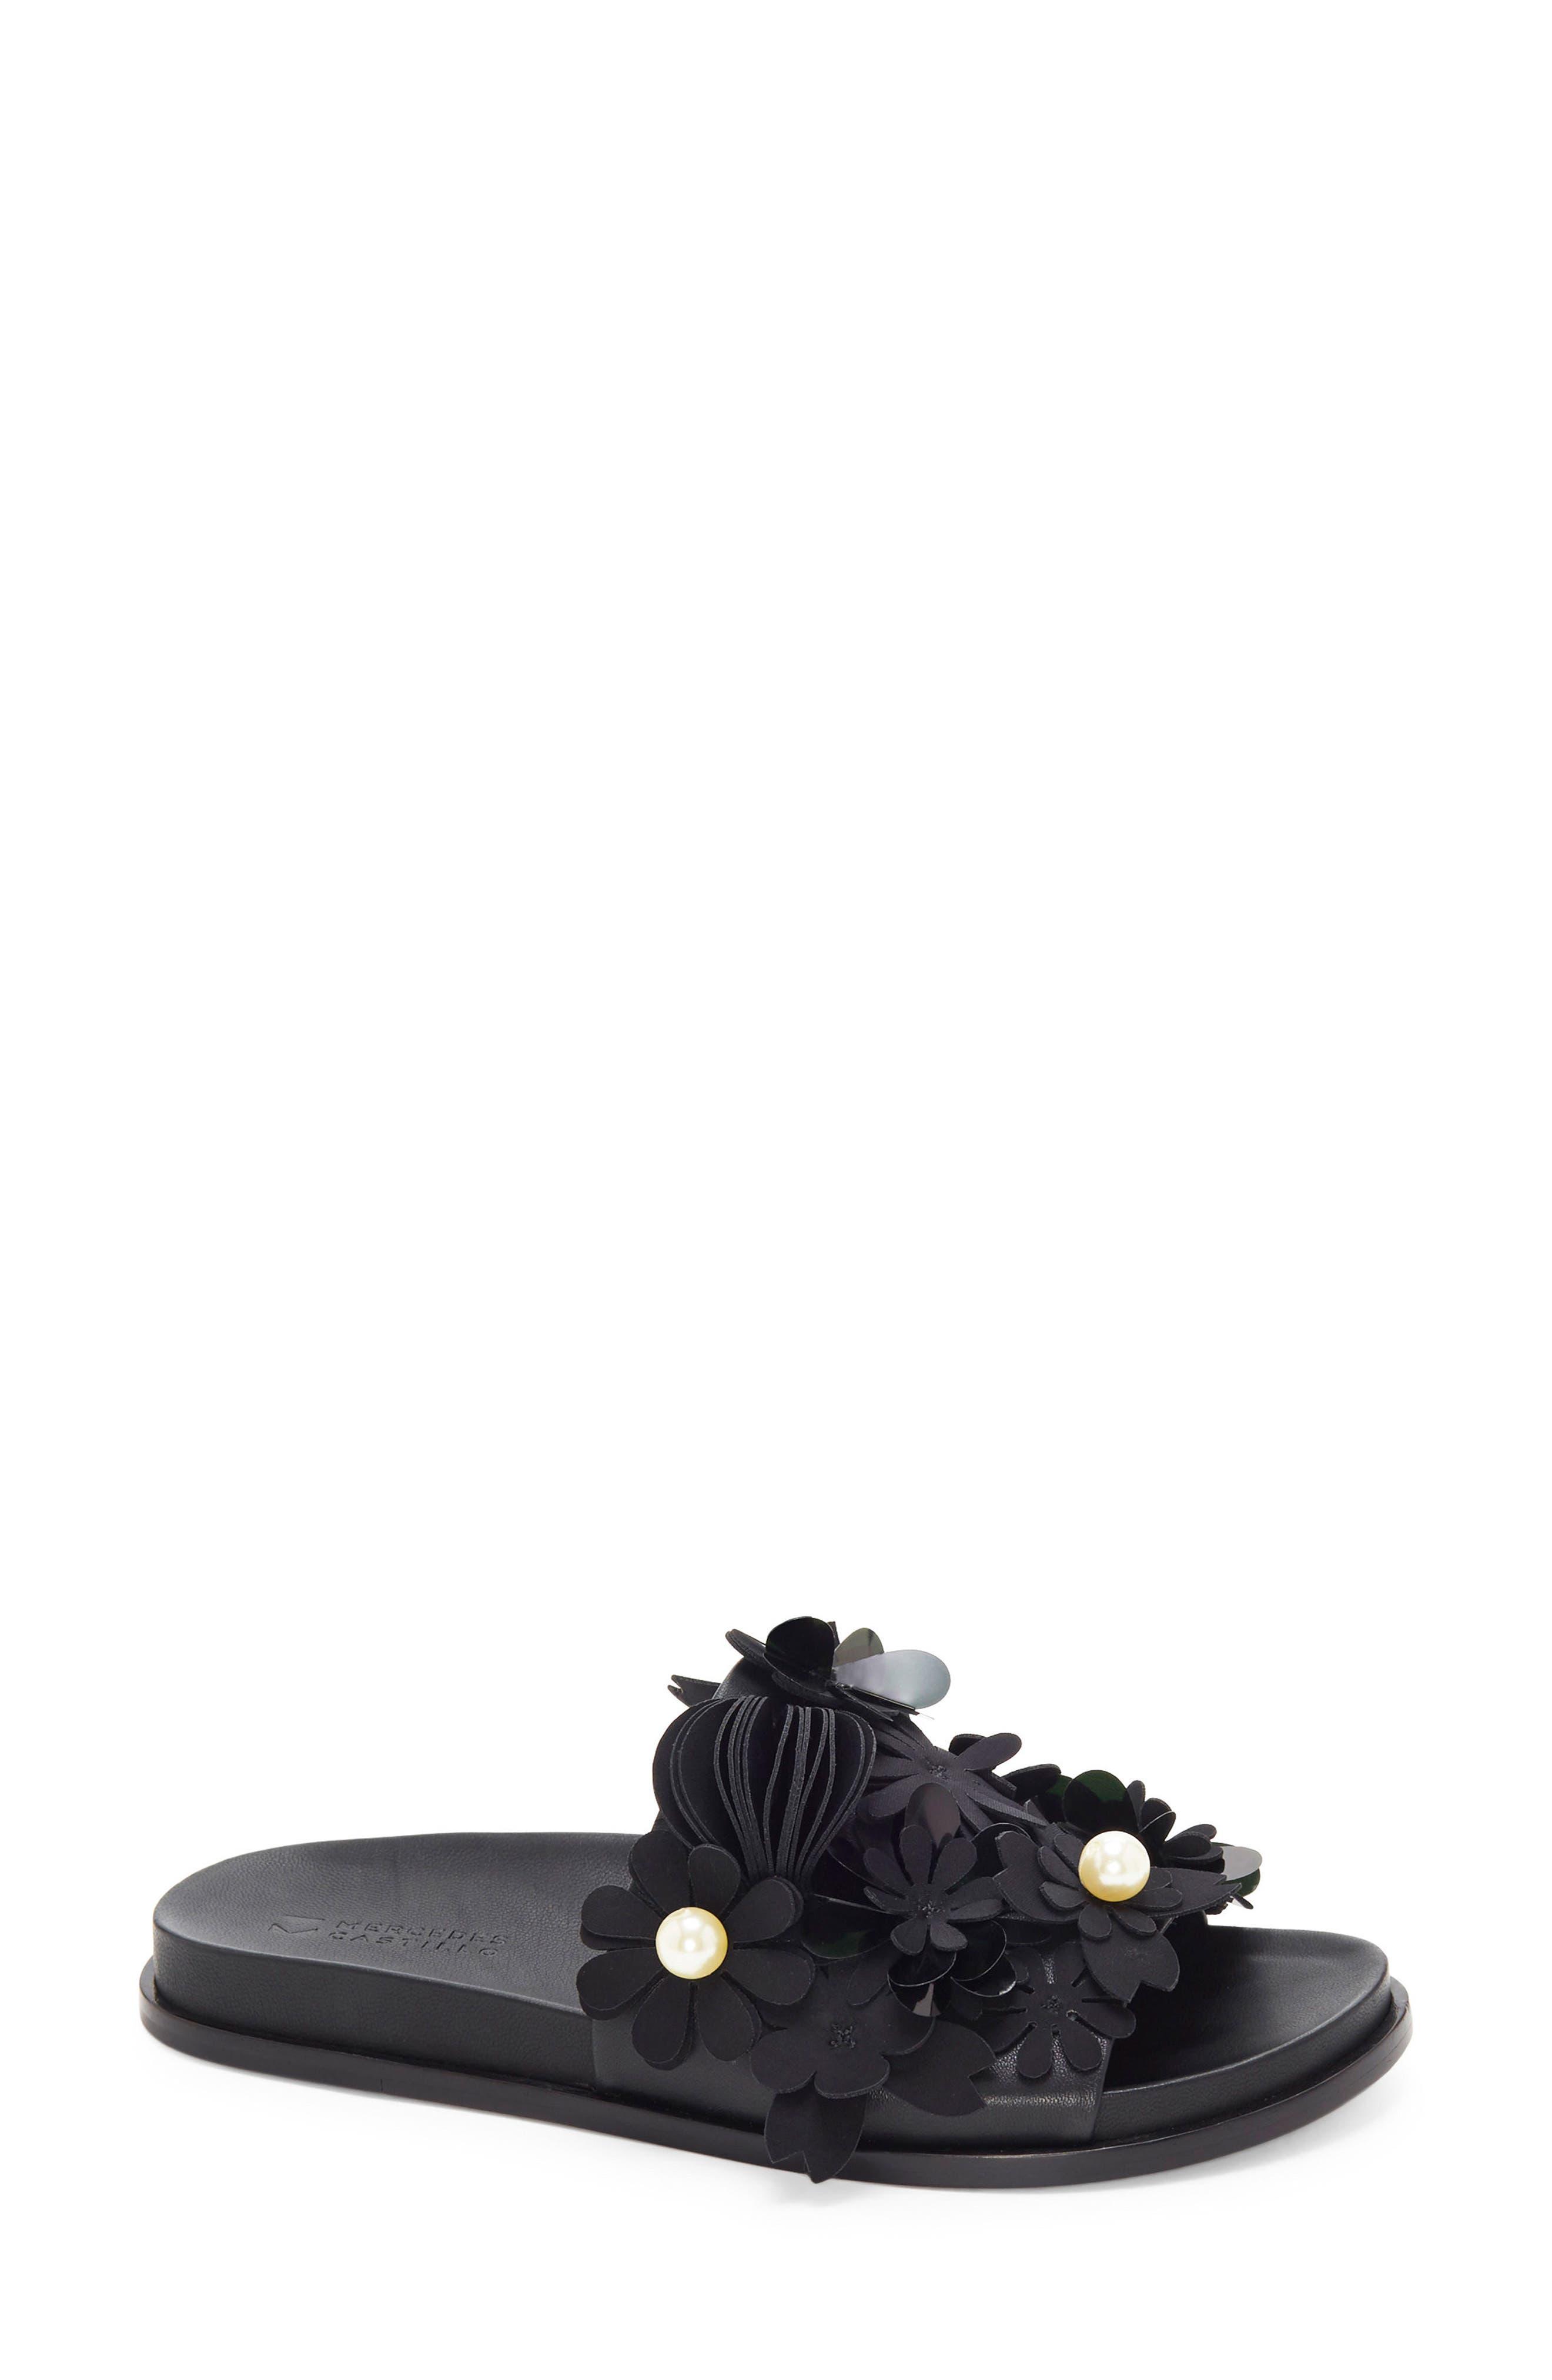 Alyse Flowered Slide Sandal,                         Main,                         color, Black